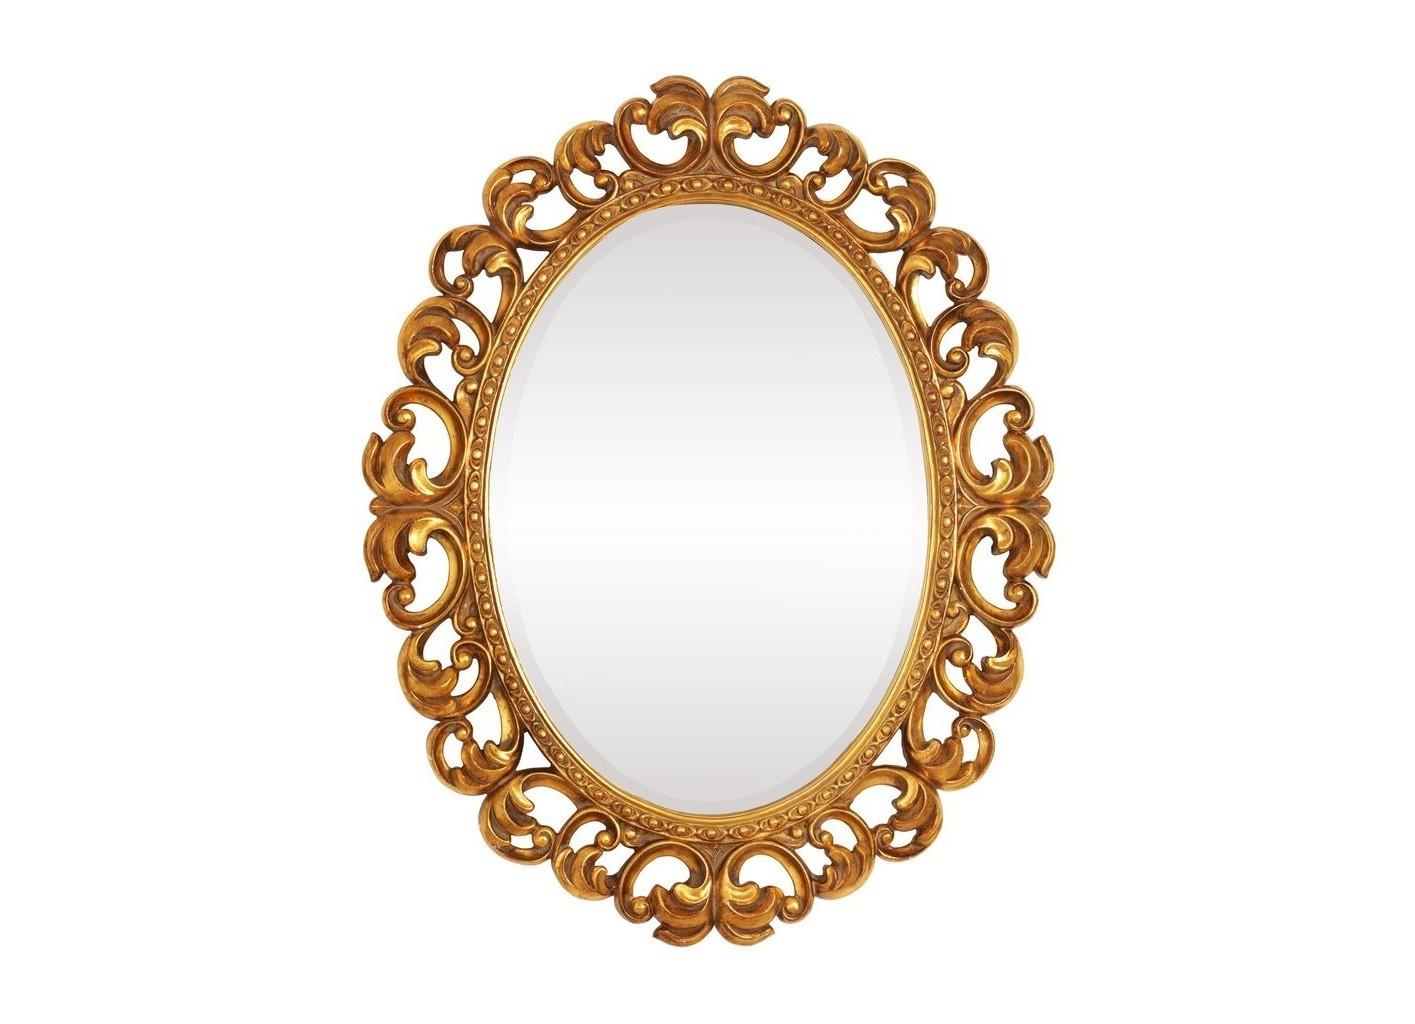 Зеркало ШербурНастенные зеркала<br>Крепления входят в стоимость.<br><br>Material: Пластик<br>Ширина см: 80.0<br>Высота см: 100.0<br>Глубина см: 4.0